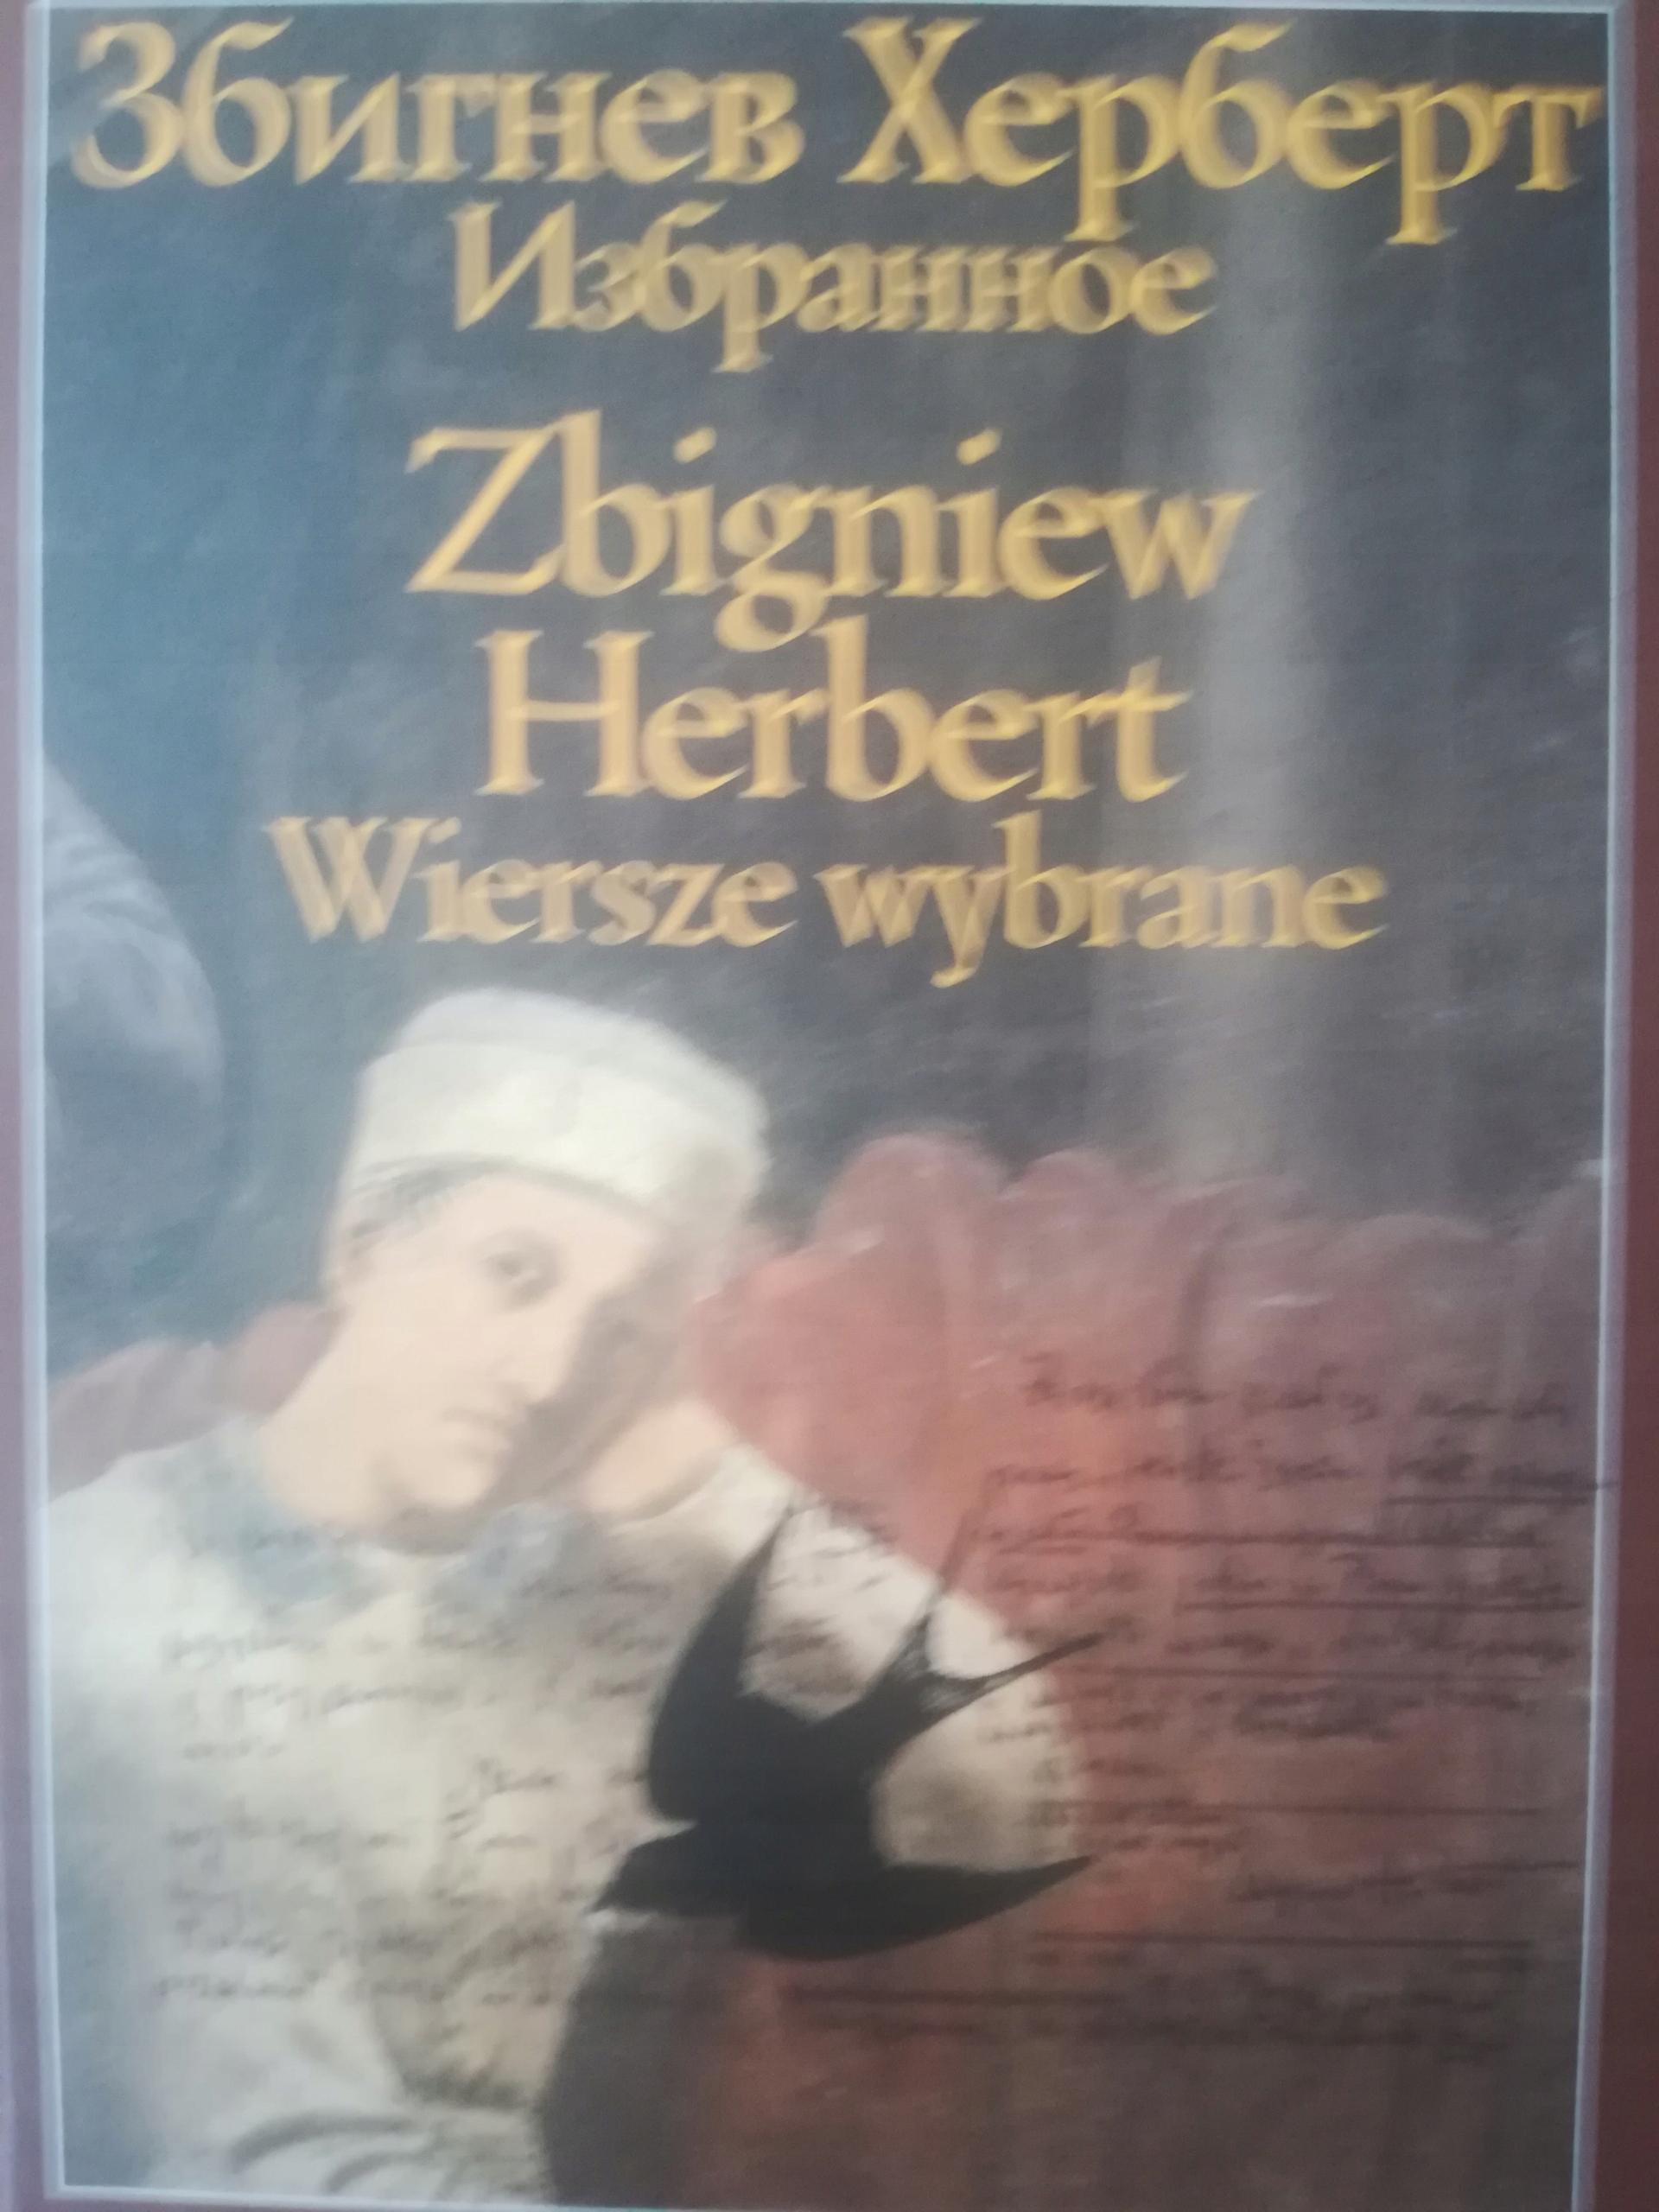 Wiersze Wybrane Zbigniew Herbert Polsko Rosyjskie